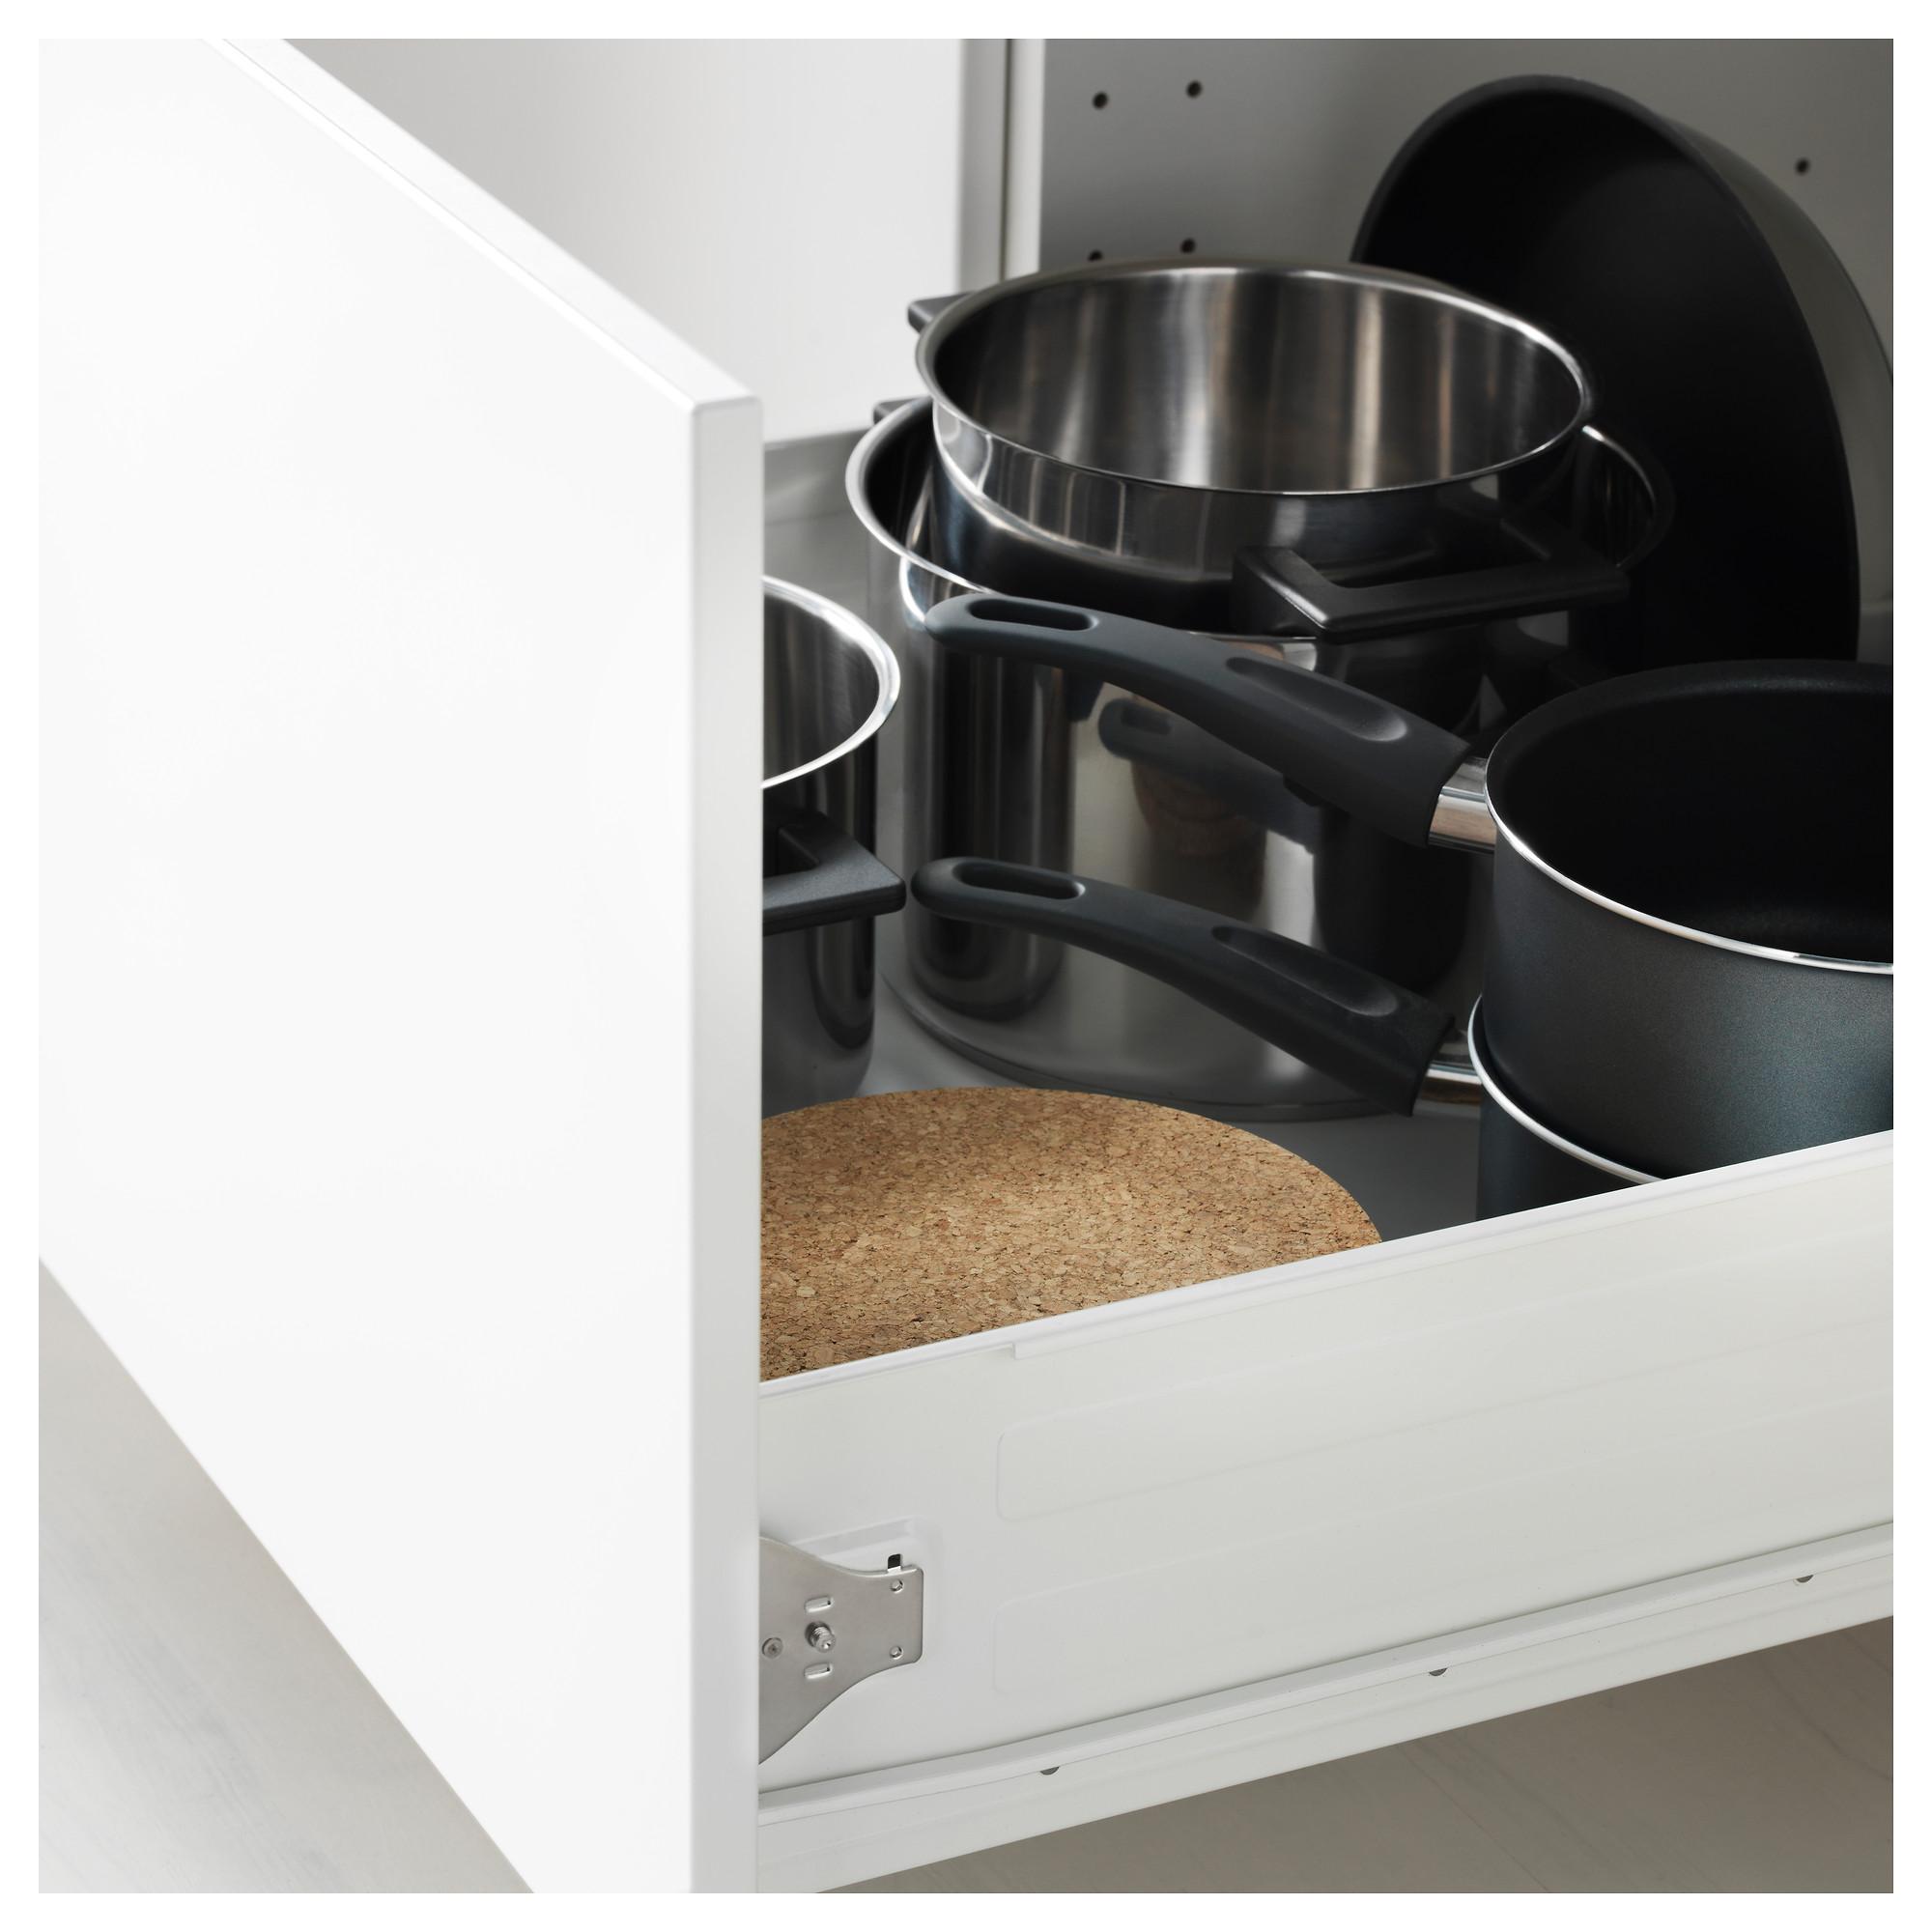 Высокий шкаф для духовки, дверца, 4 ящика МЕТОД / ФОРВАРА белый артикуль № 892.621.16 в наличии. Online сайт IKEA РБ. Недорогая доставка и установка.